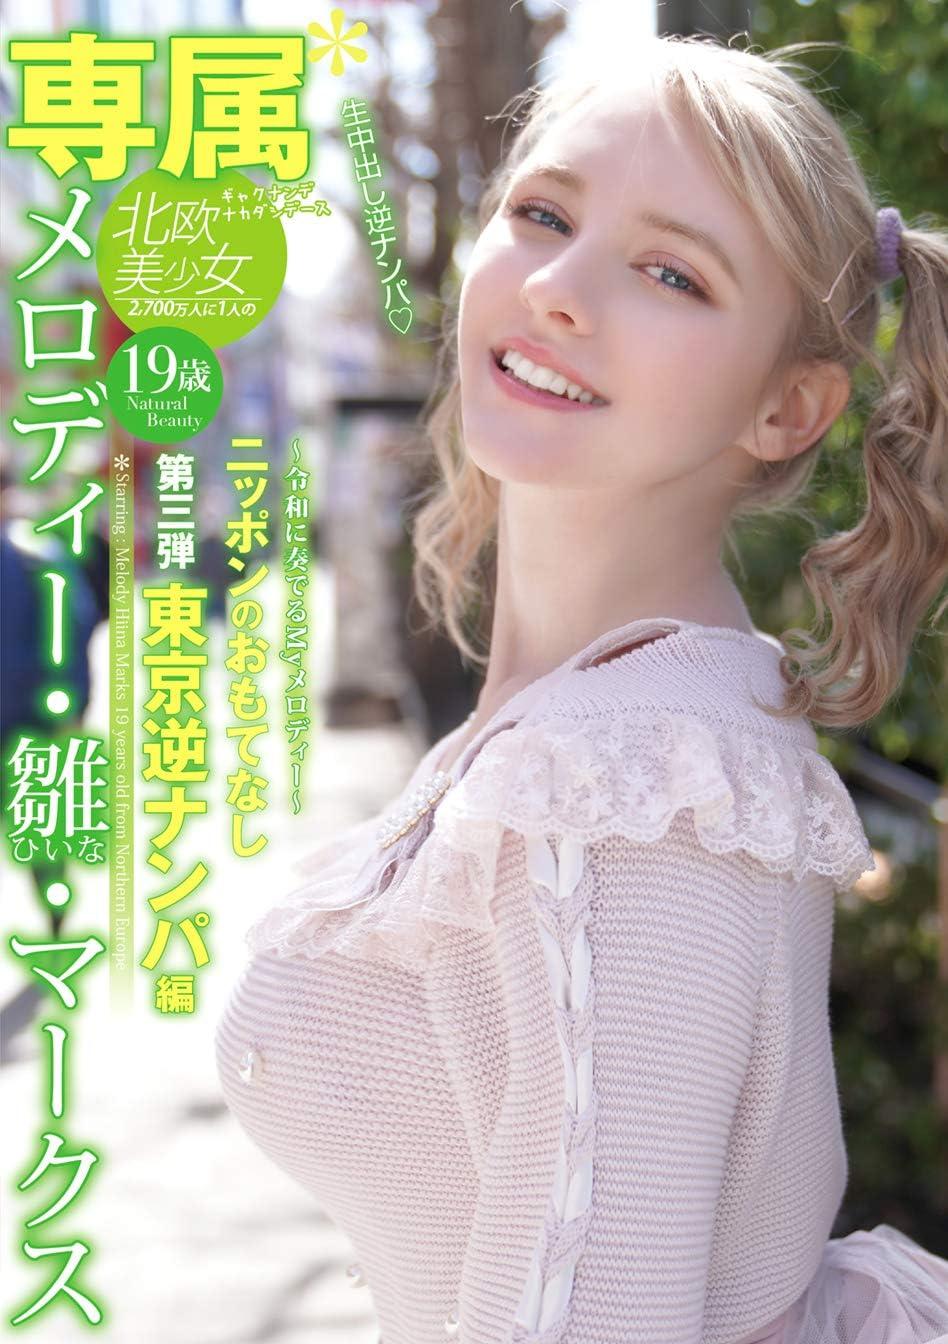 (専属)メロディー・雛・マークス ニッポンのおもてなし第3弾 東京逆ナンパ編 [DVD] [アダルト] メロディー・雛・マークス (出演), ひむろっく (監督) 形式: DVD